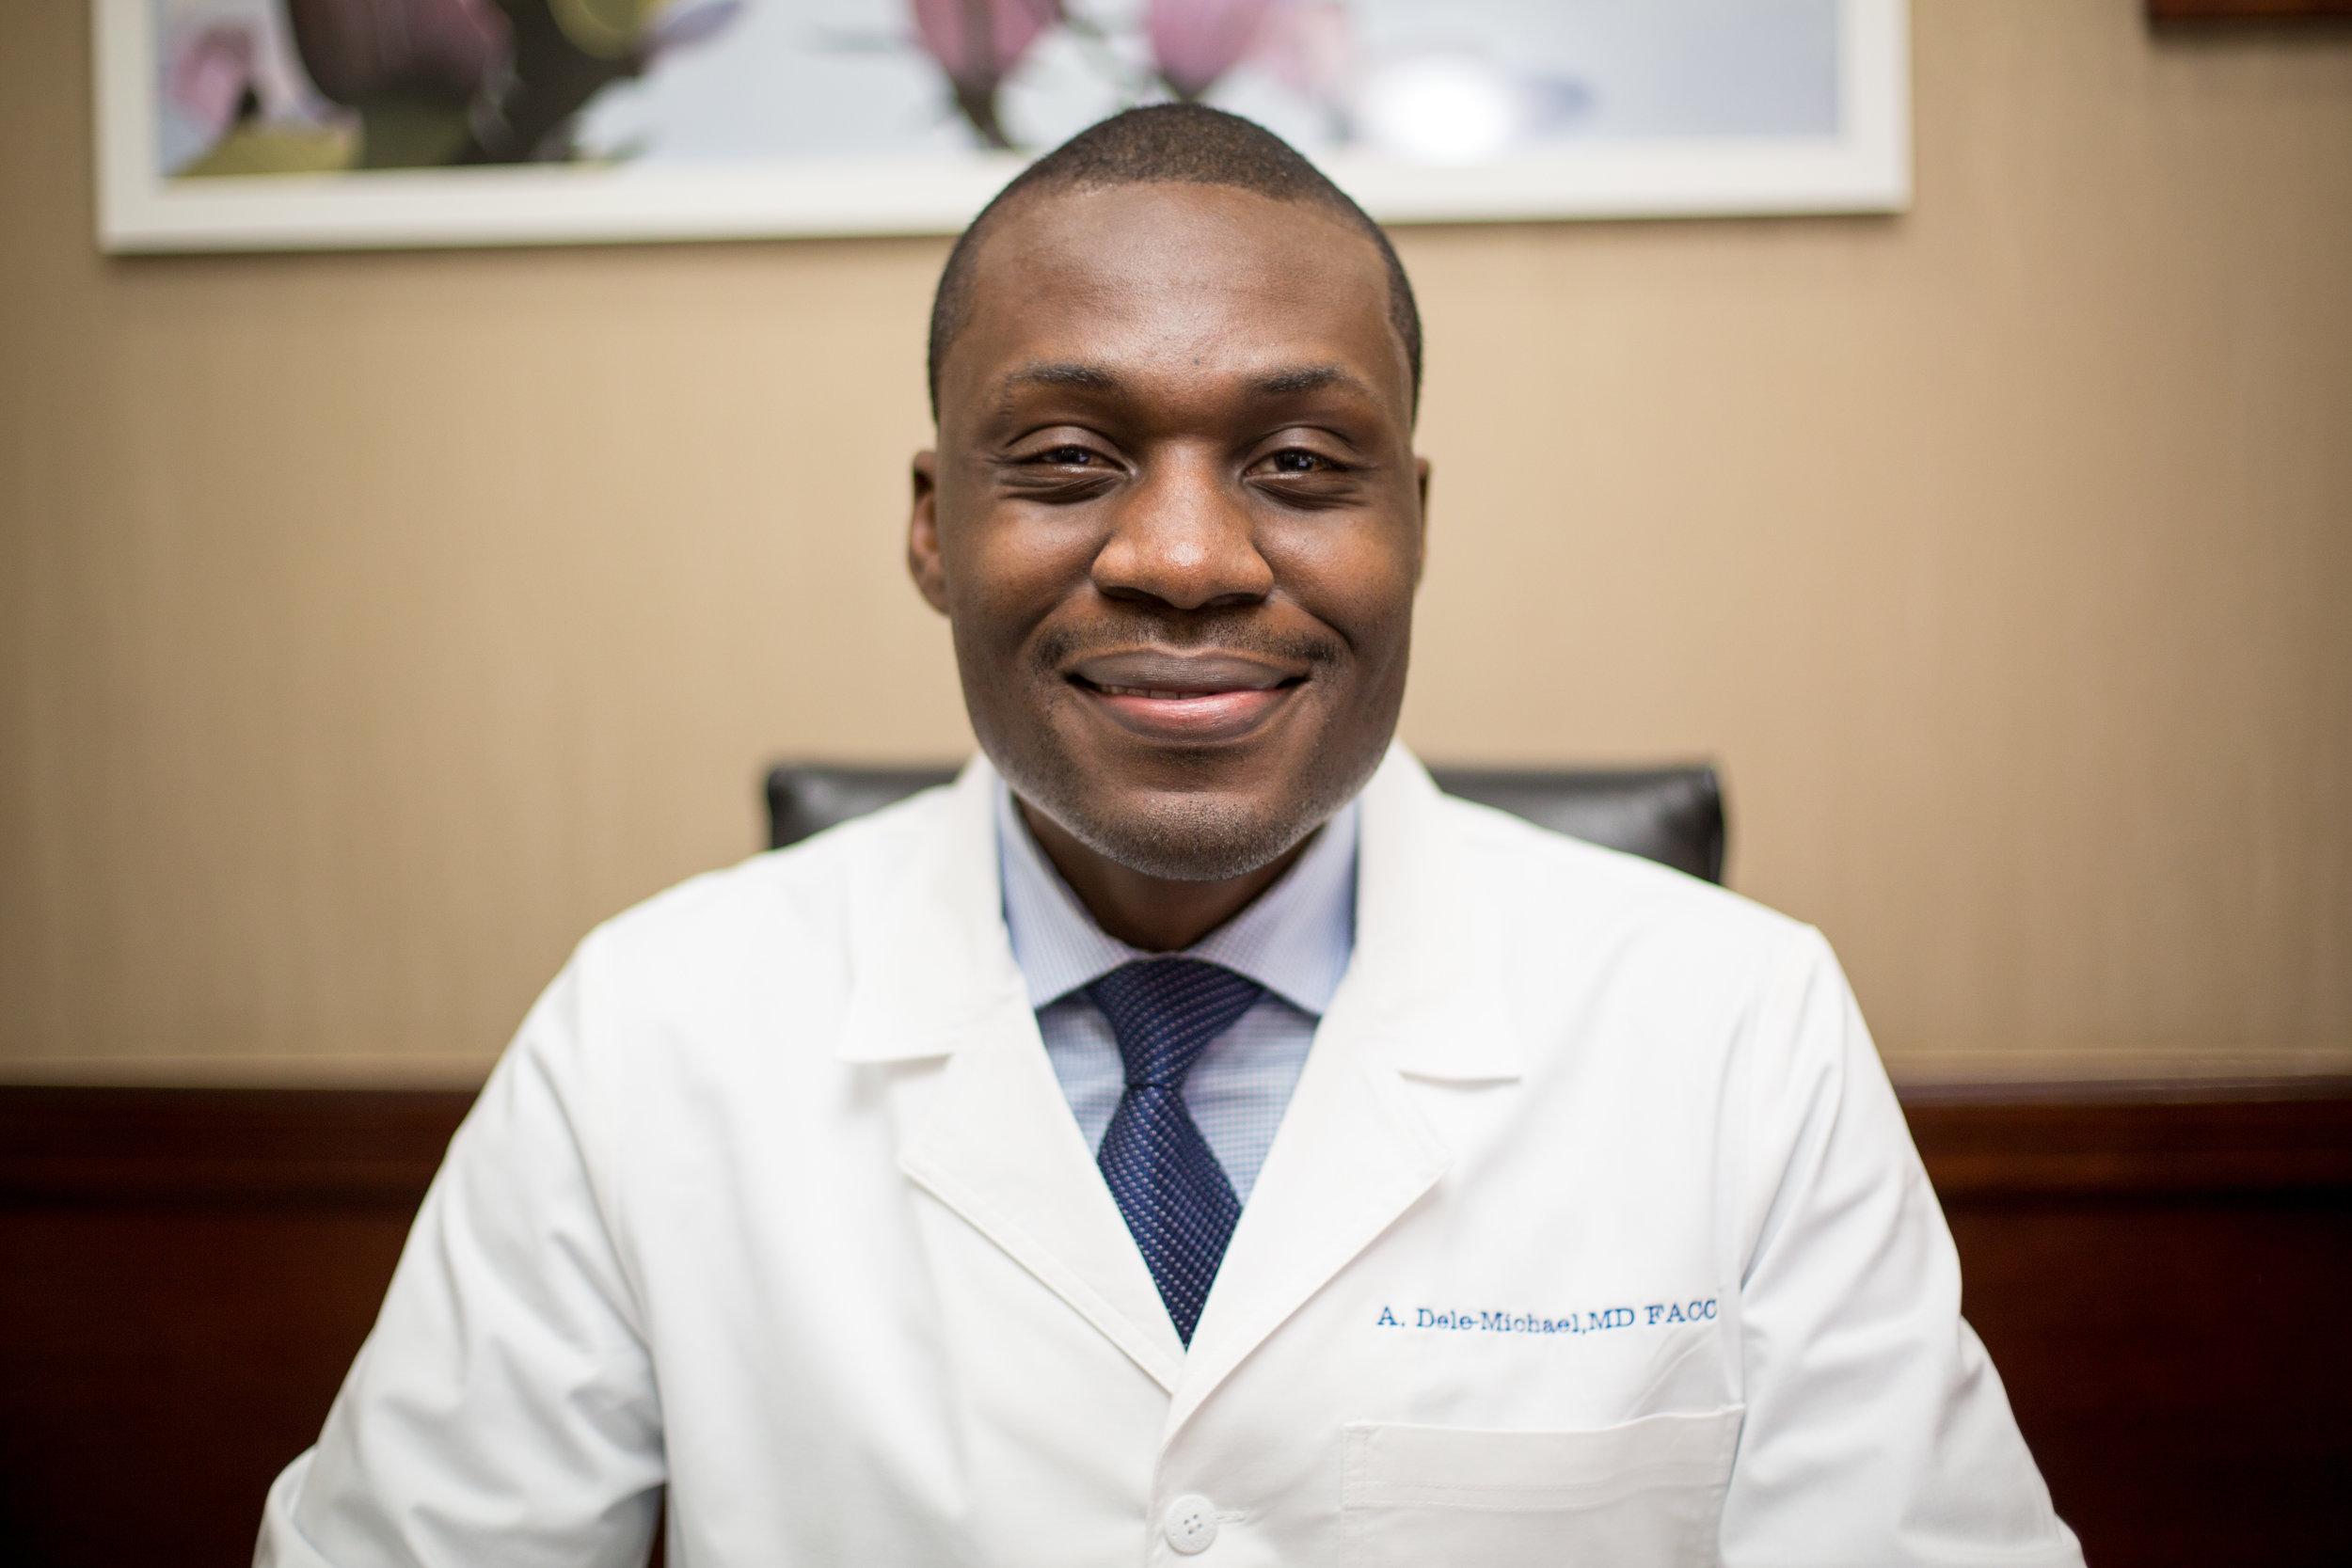 PatientPop_Dr. Abiola Dele-Michael-119-2.jpg